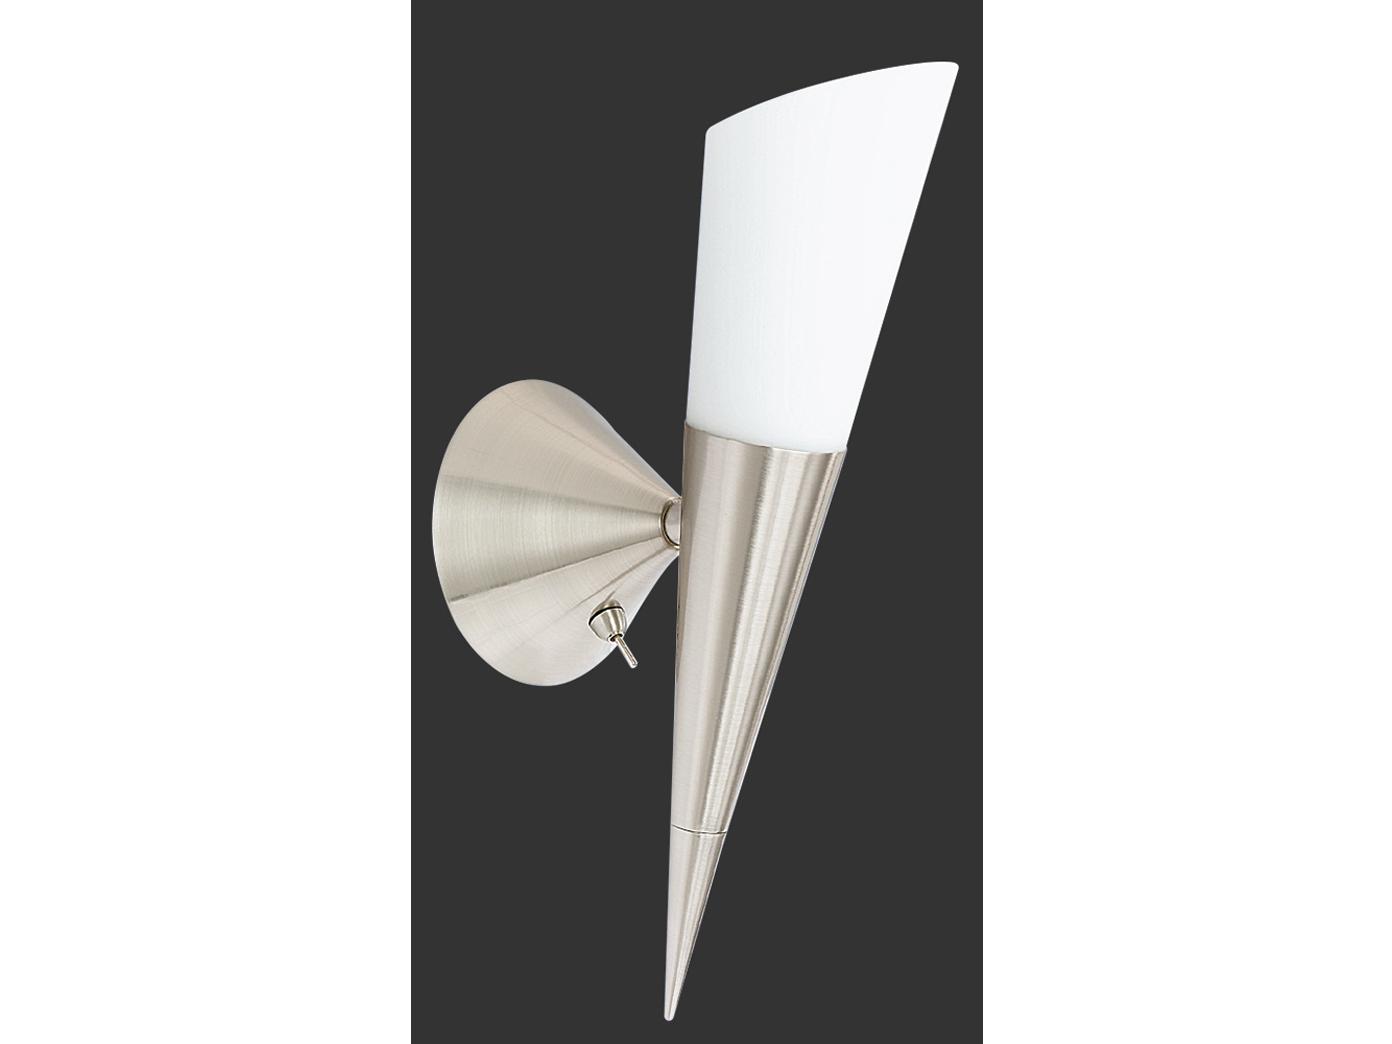 mit Schalter TRIO Wandleuchte 1 x E14 Höhe 35cm Nickel matt